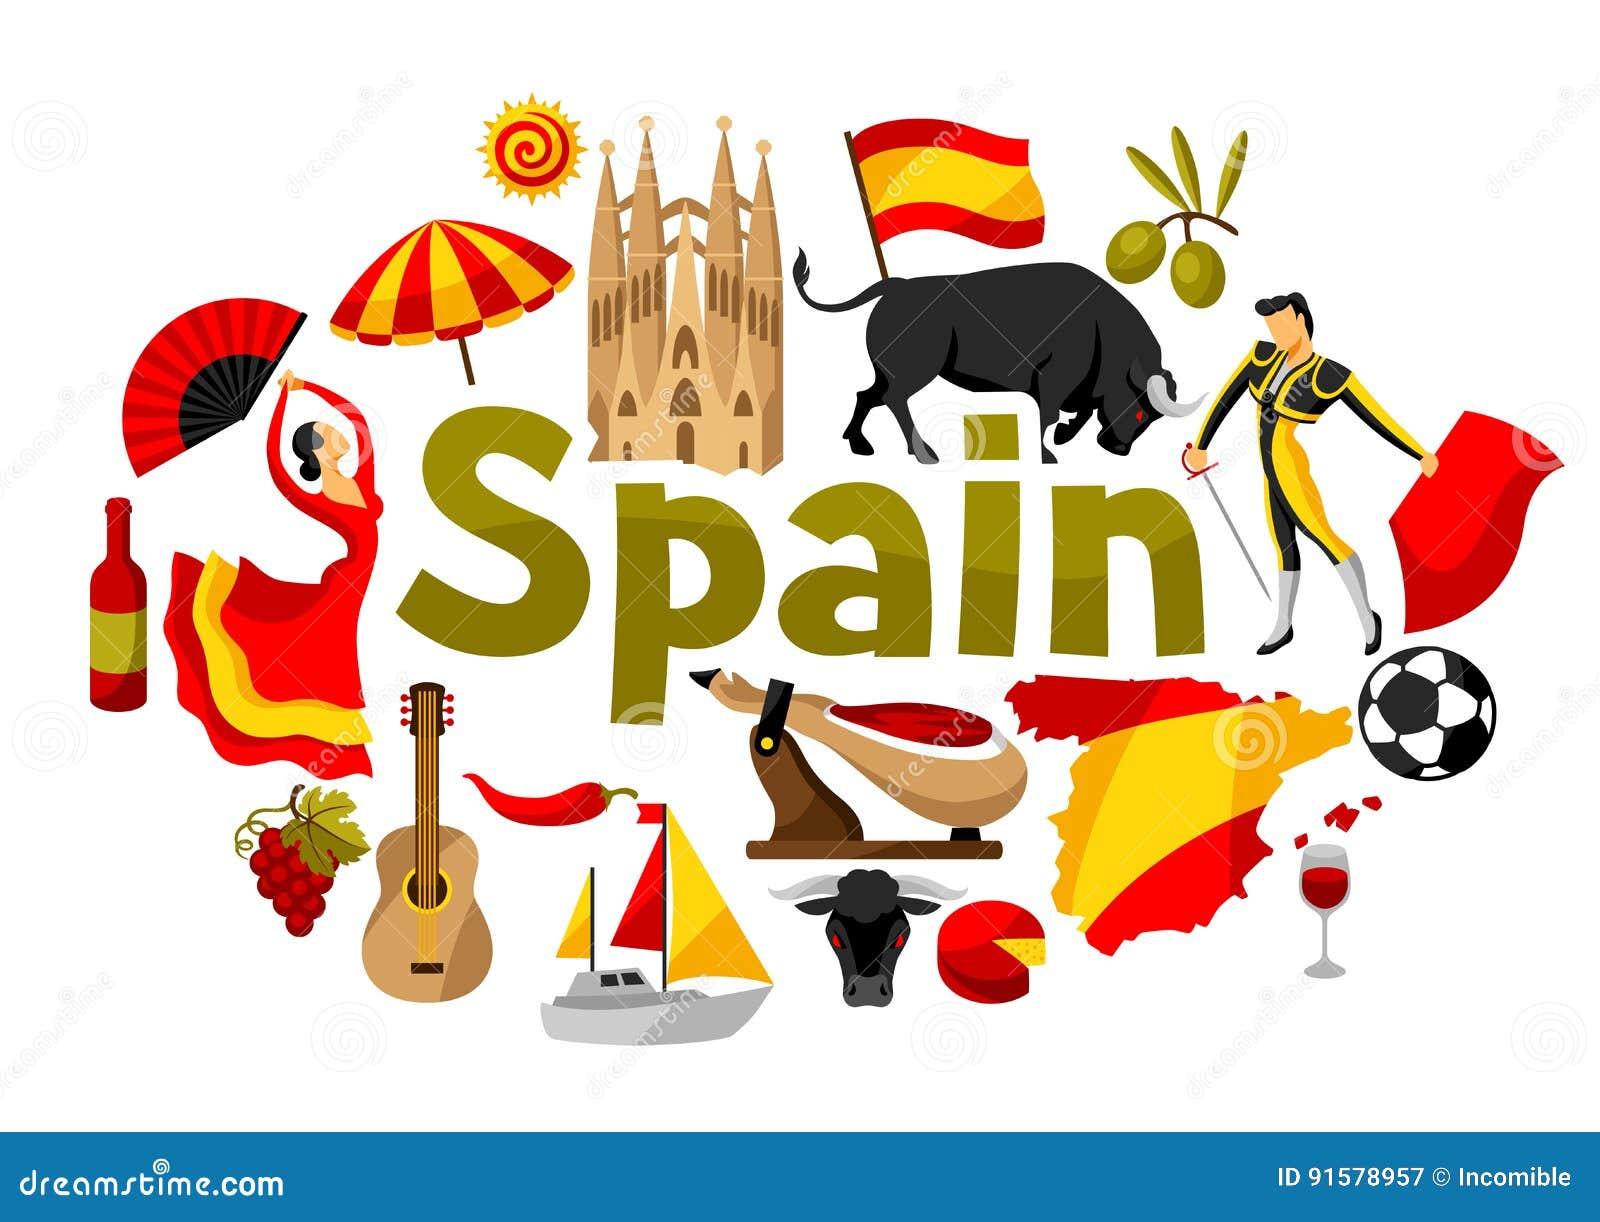 детям об испании в картинках